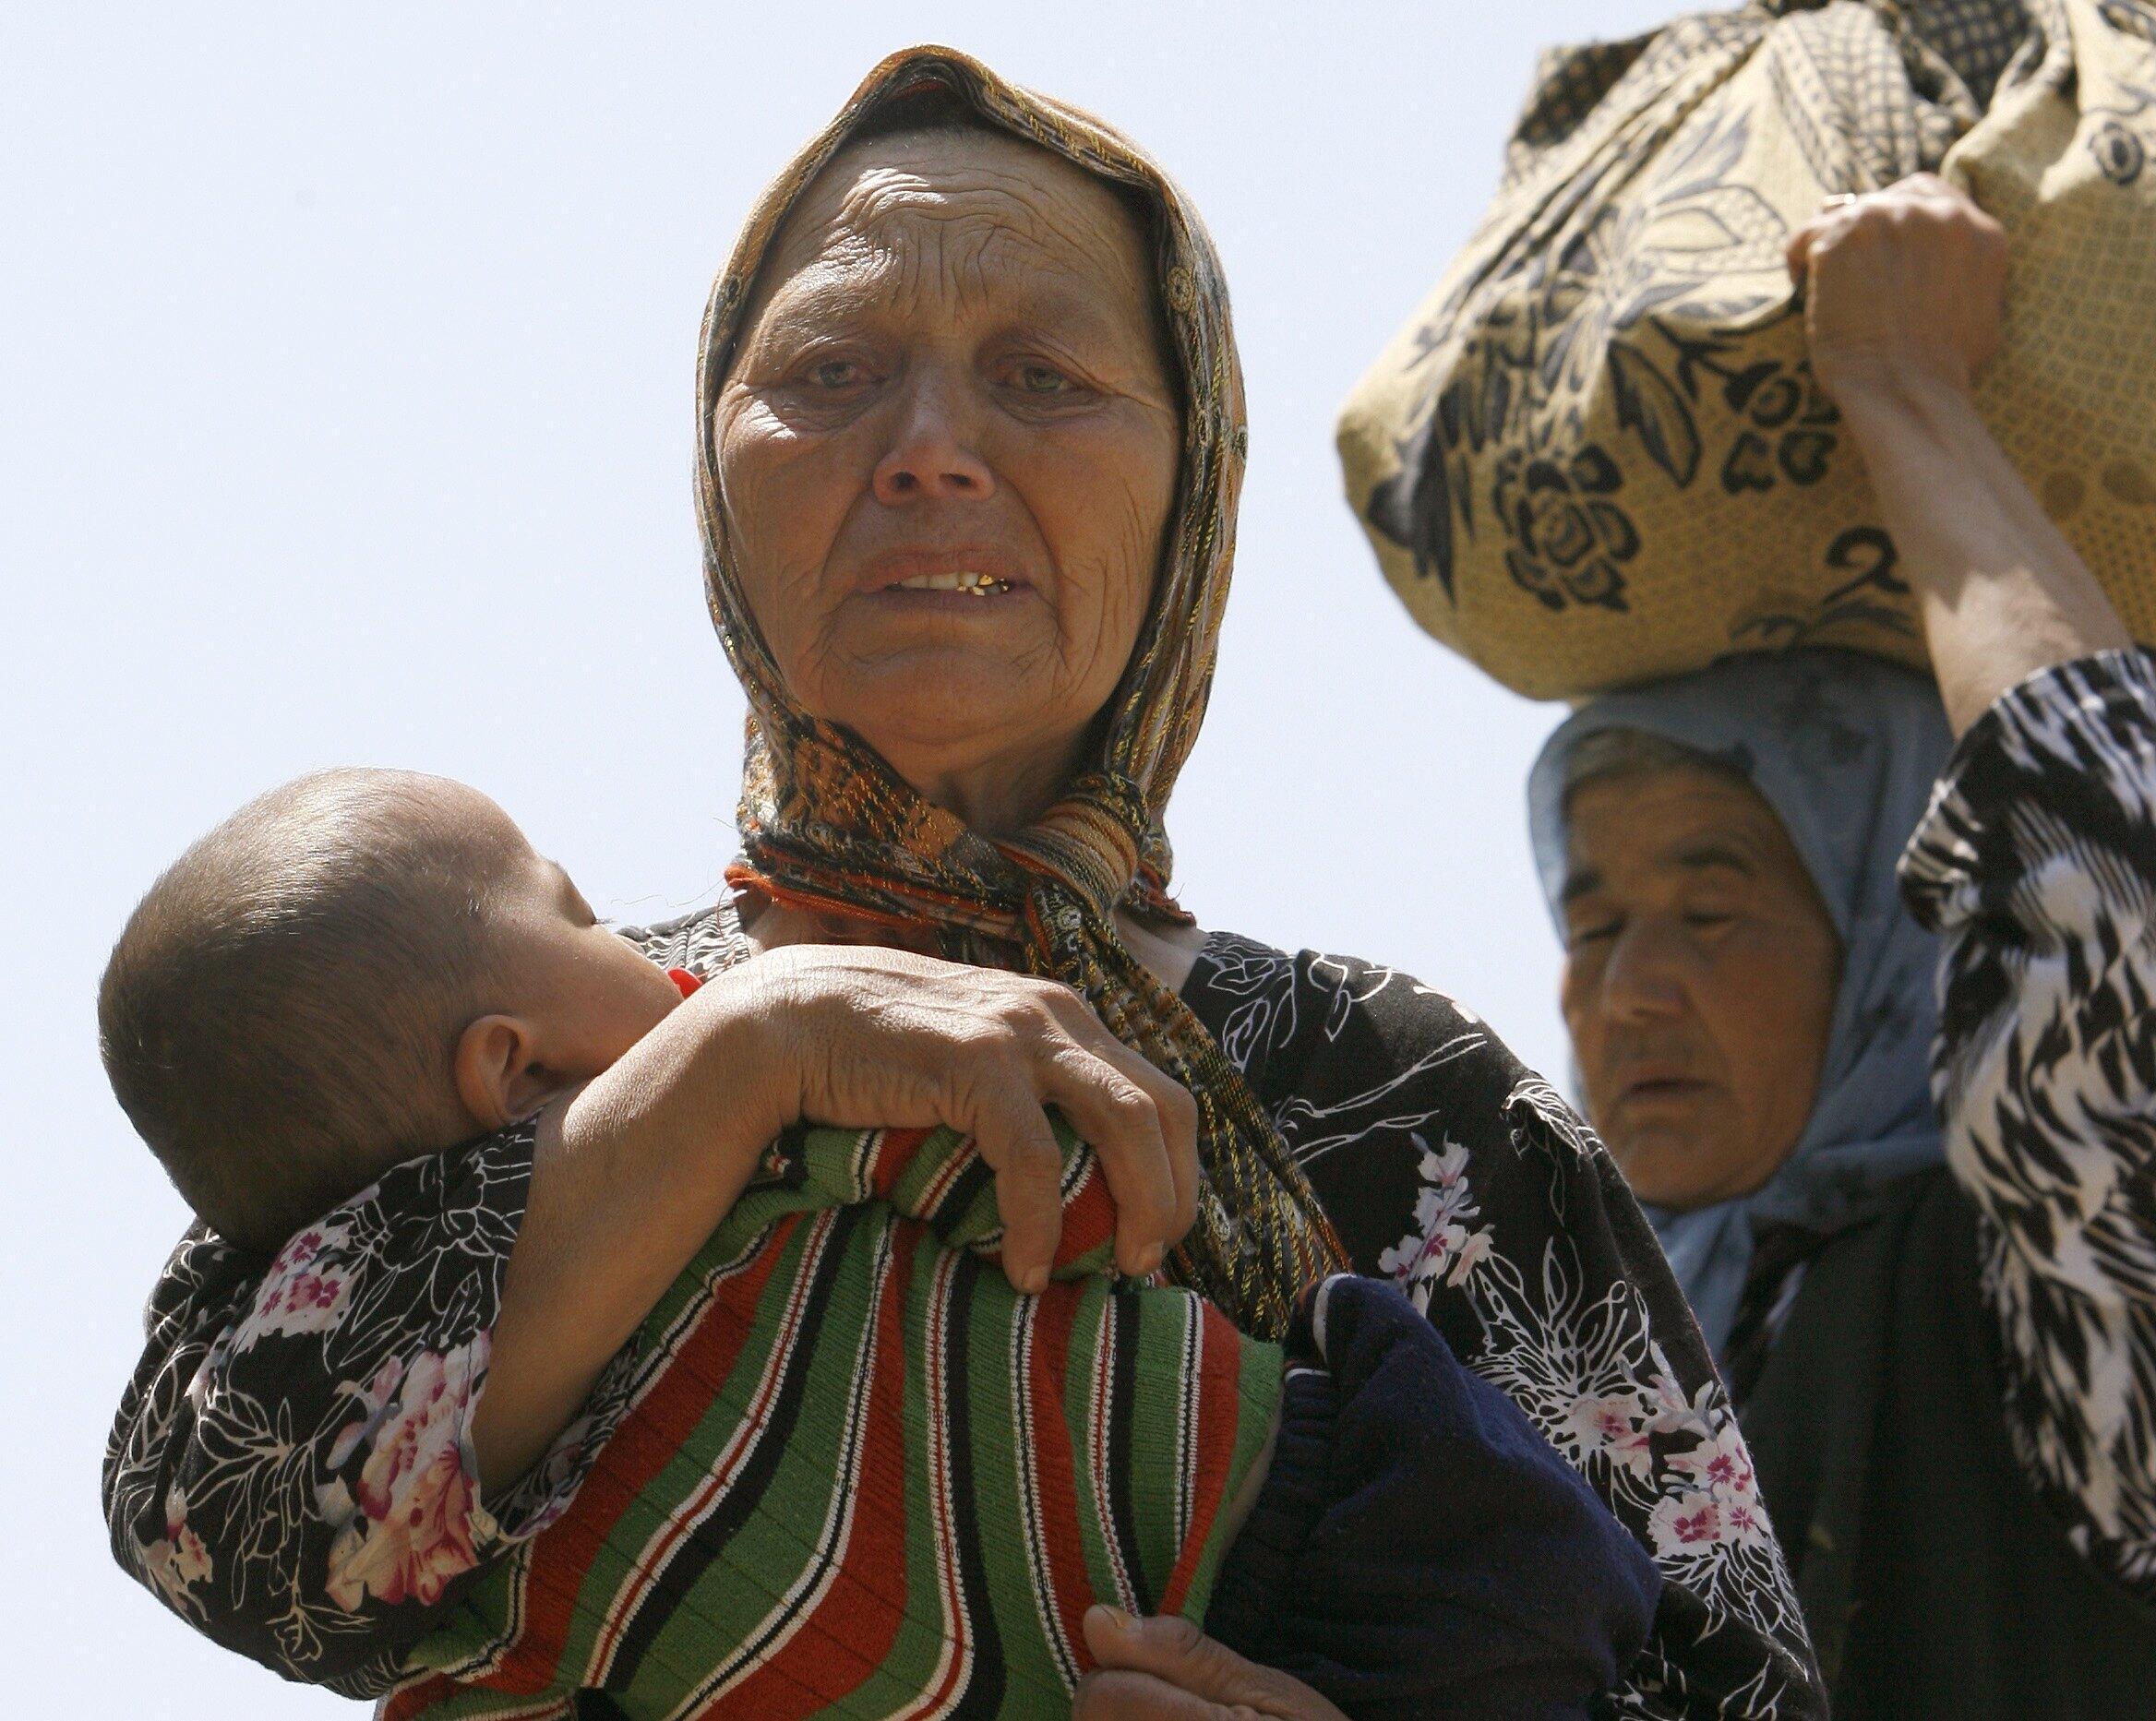 Узбекские беженки, возвращающиеся в Киргизию